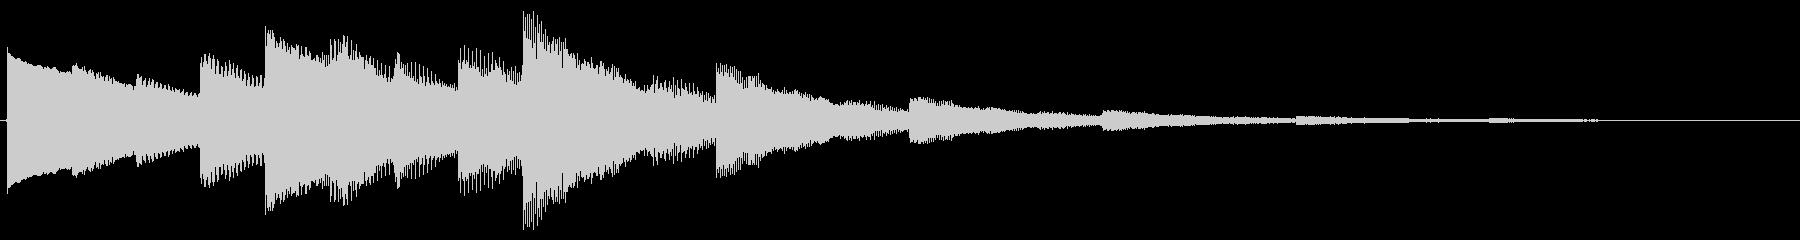 ベルの静かな場面転回音6の未再生の波形